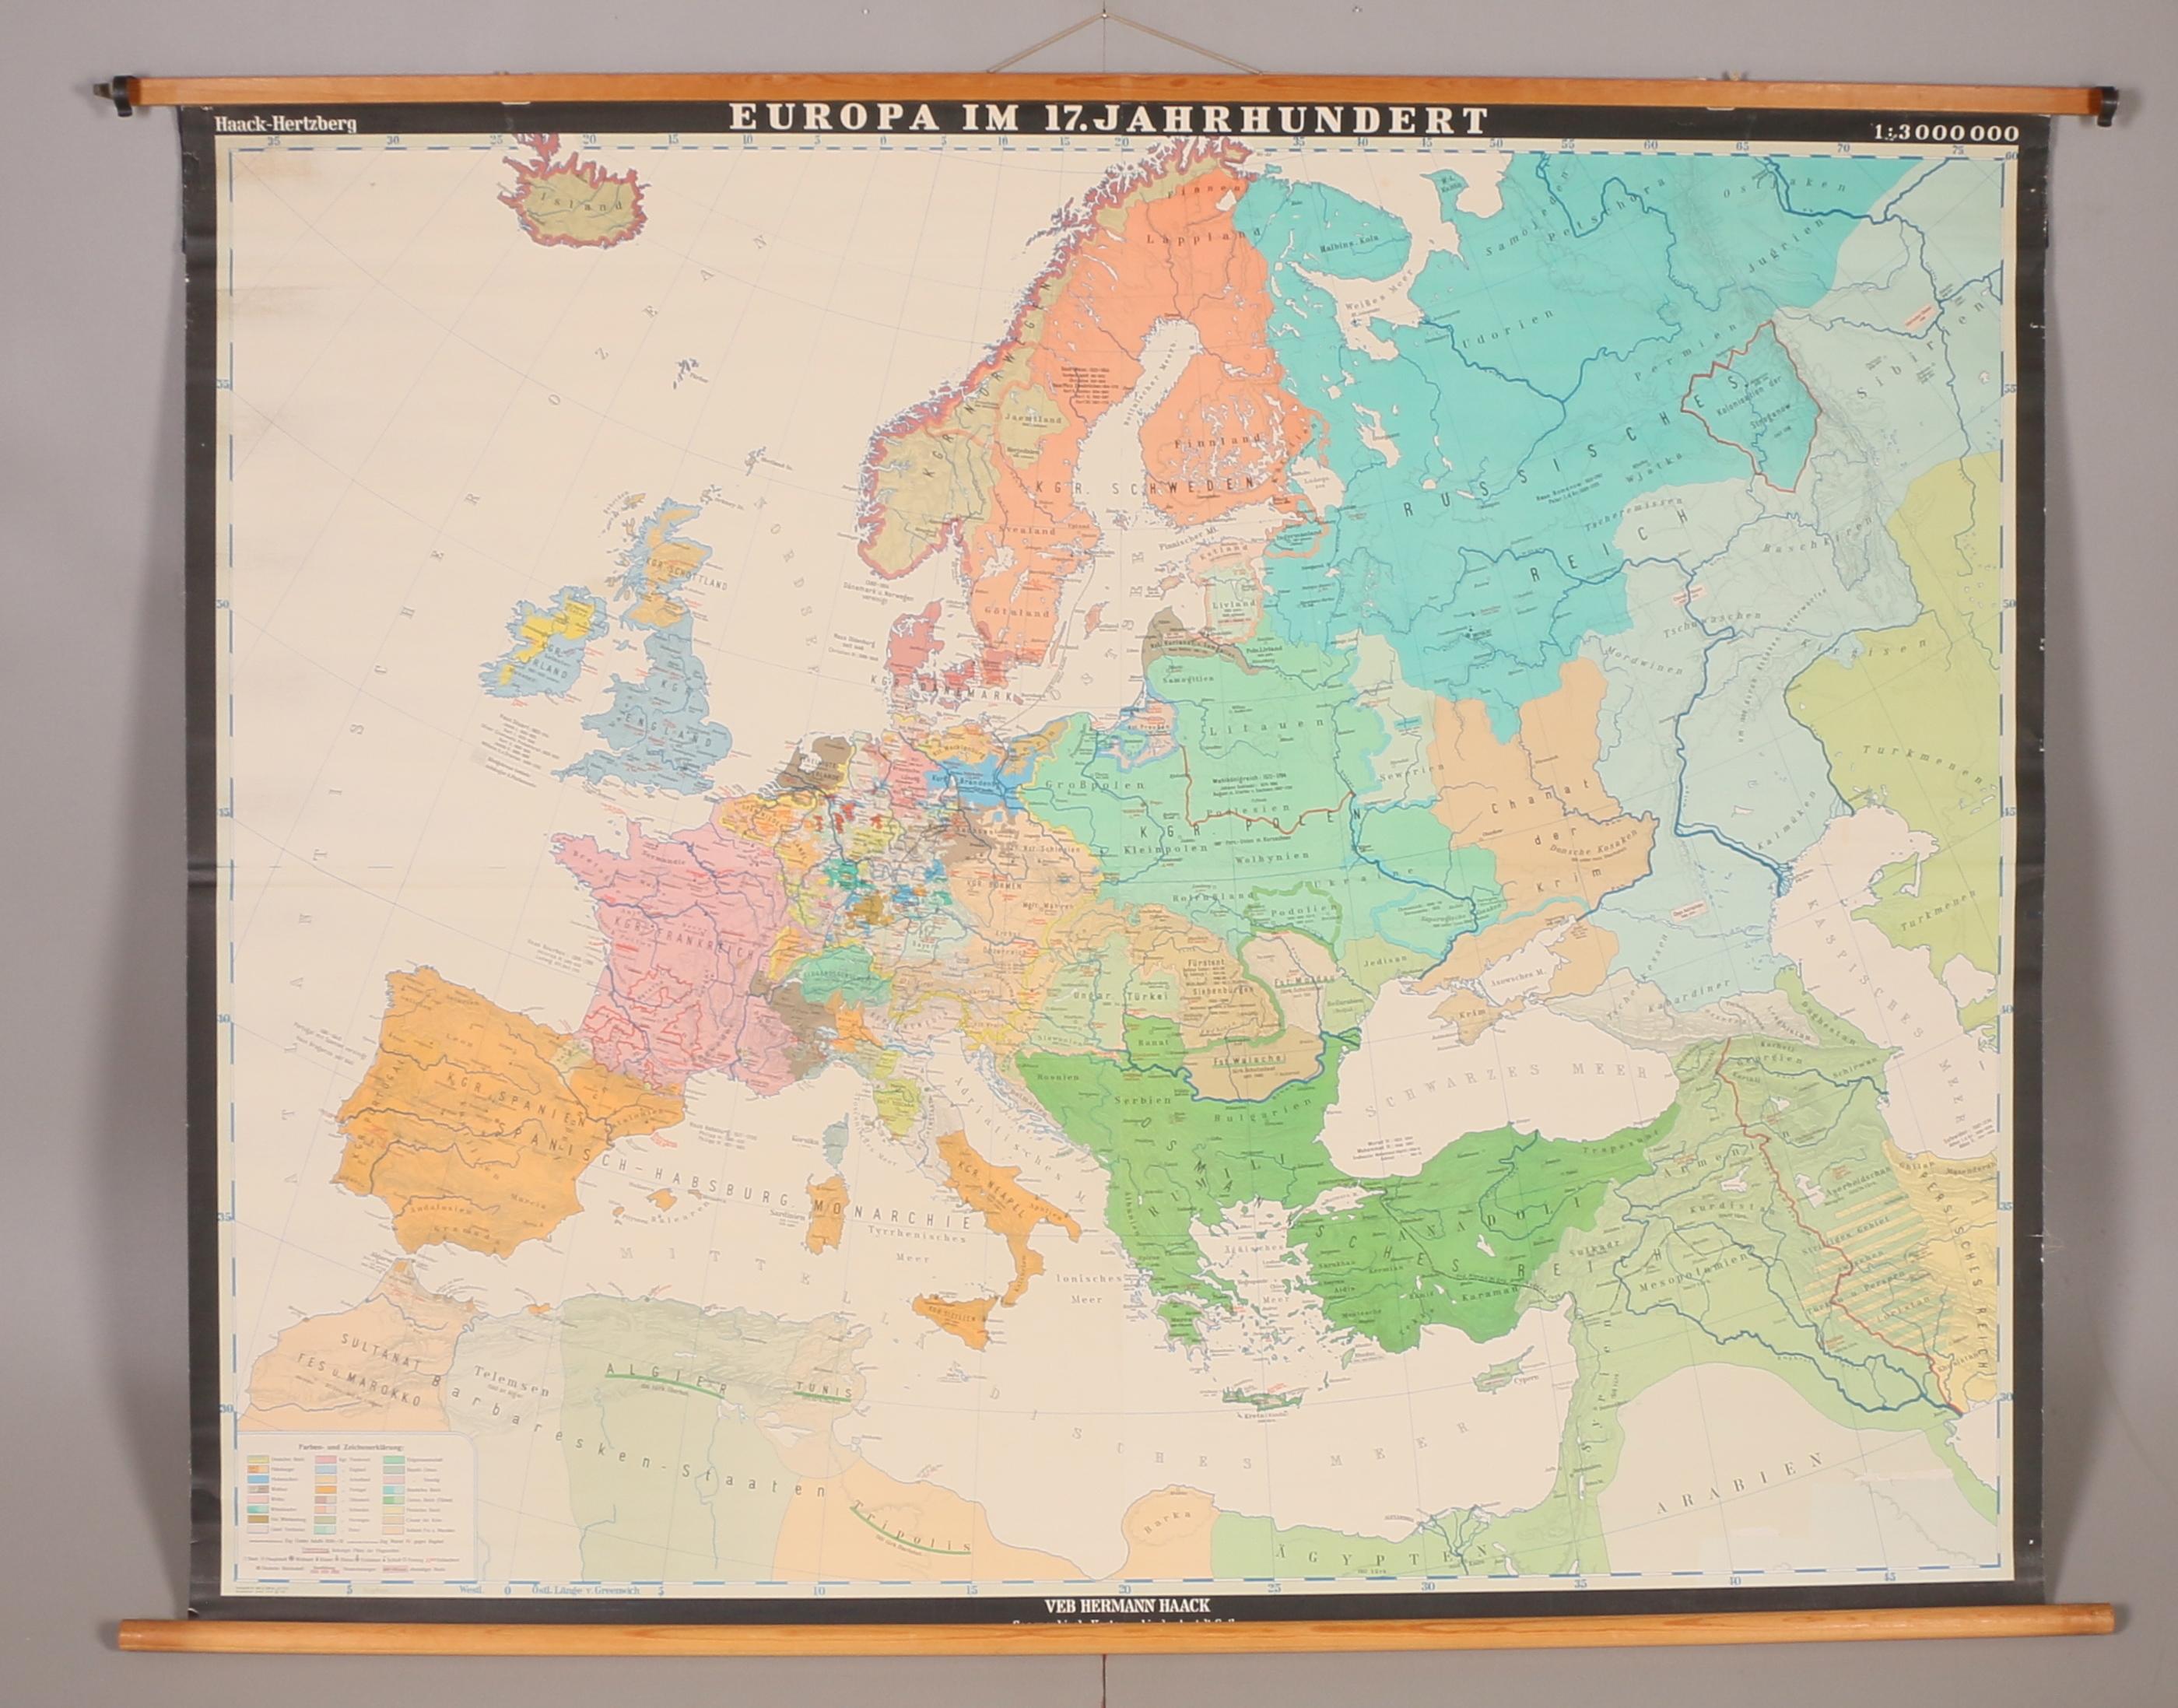 Karta Europa In 17 Jahrhundert Haack Hertzberg Art Other